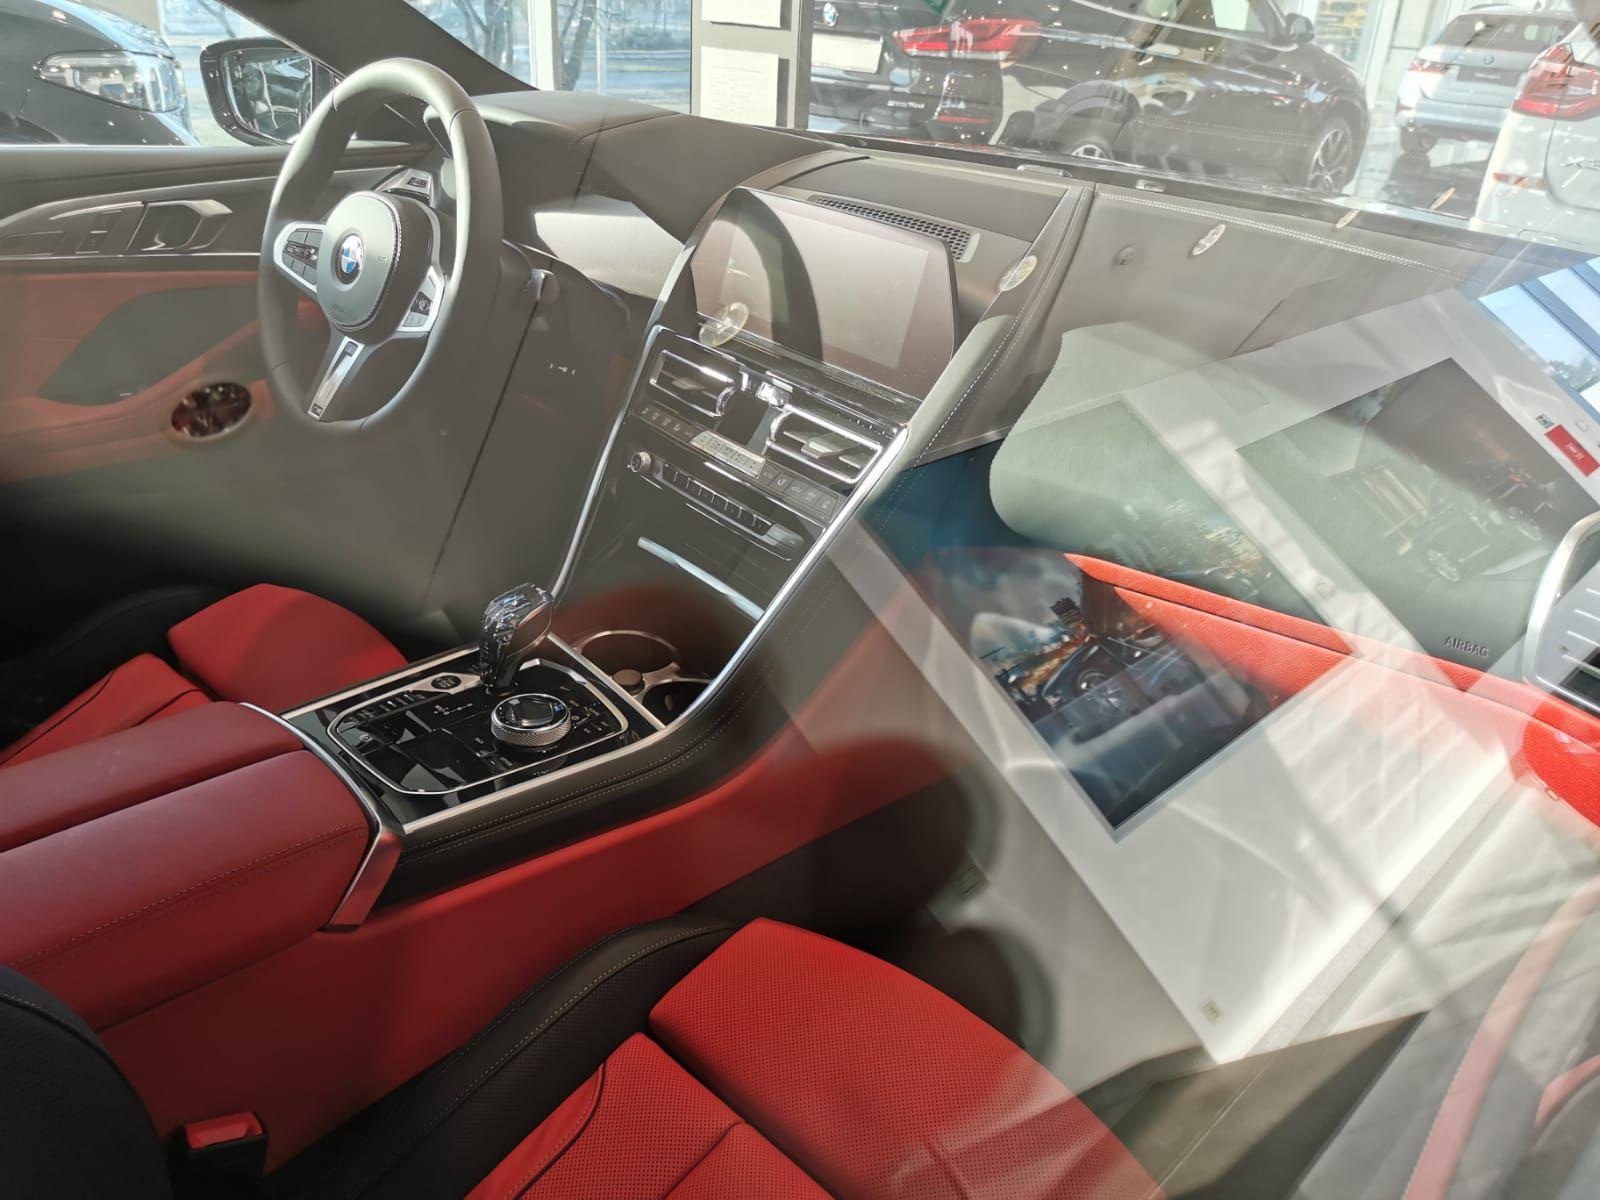 BMW serije 8 Gran Coupe i službeno u Hrvatskoj, cijena 'prava sitnica'!